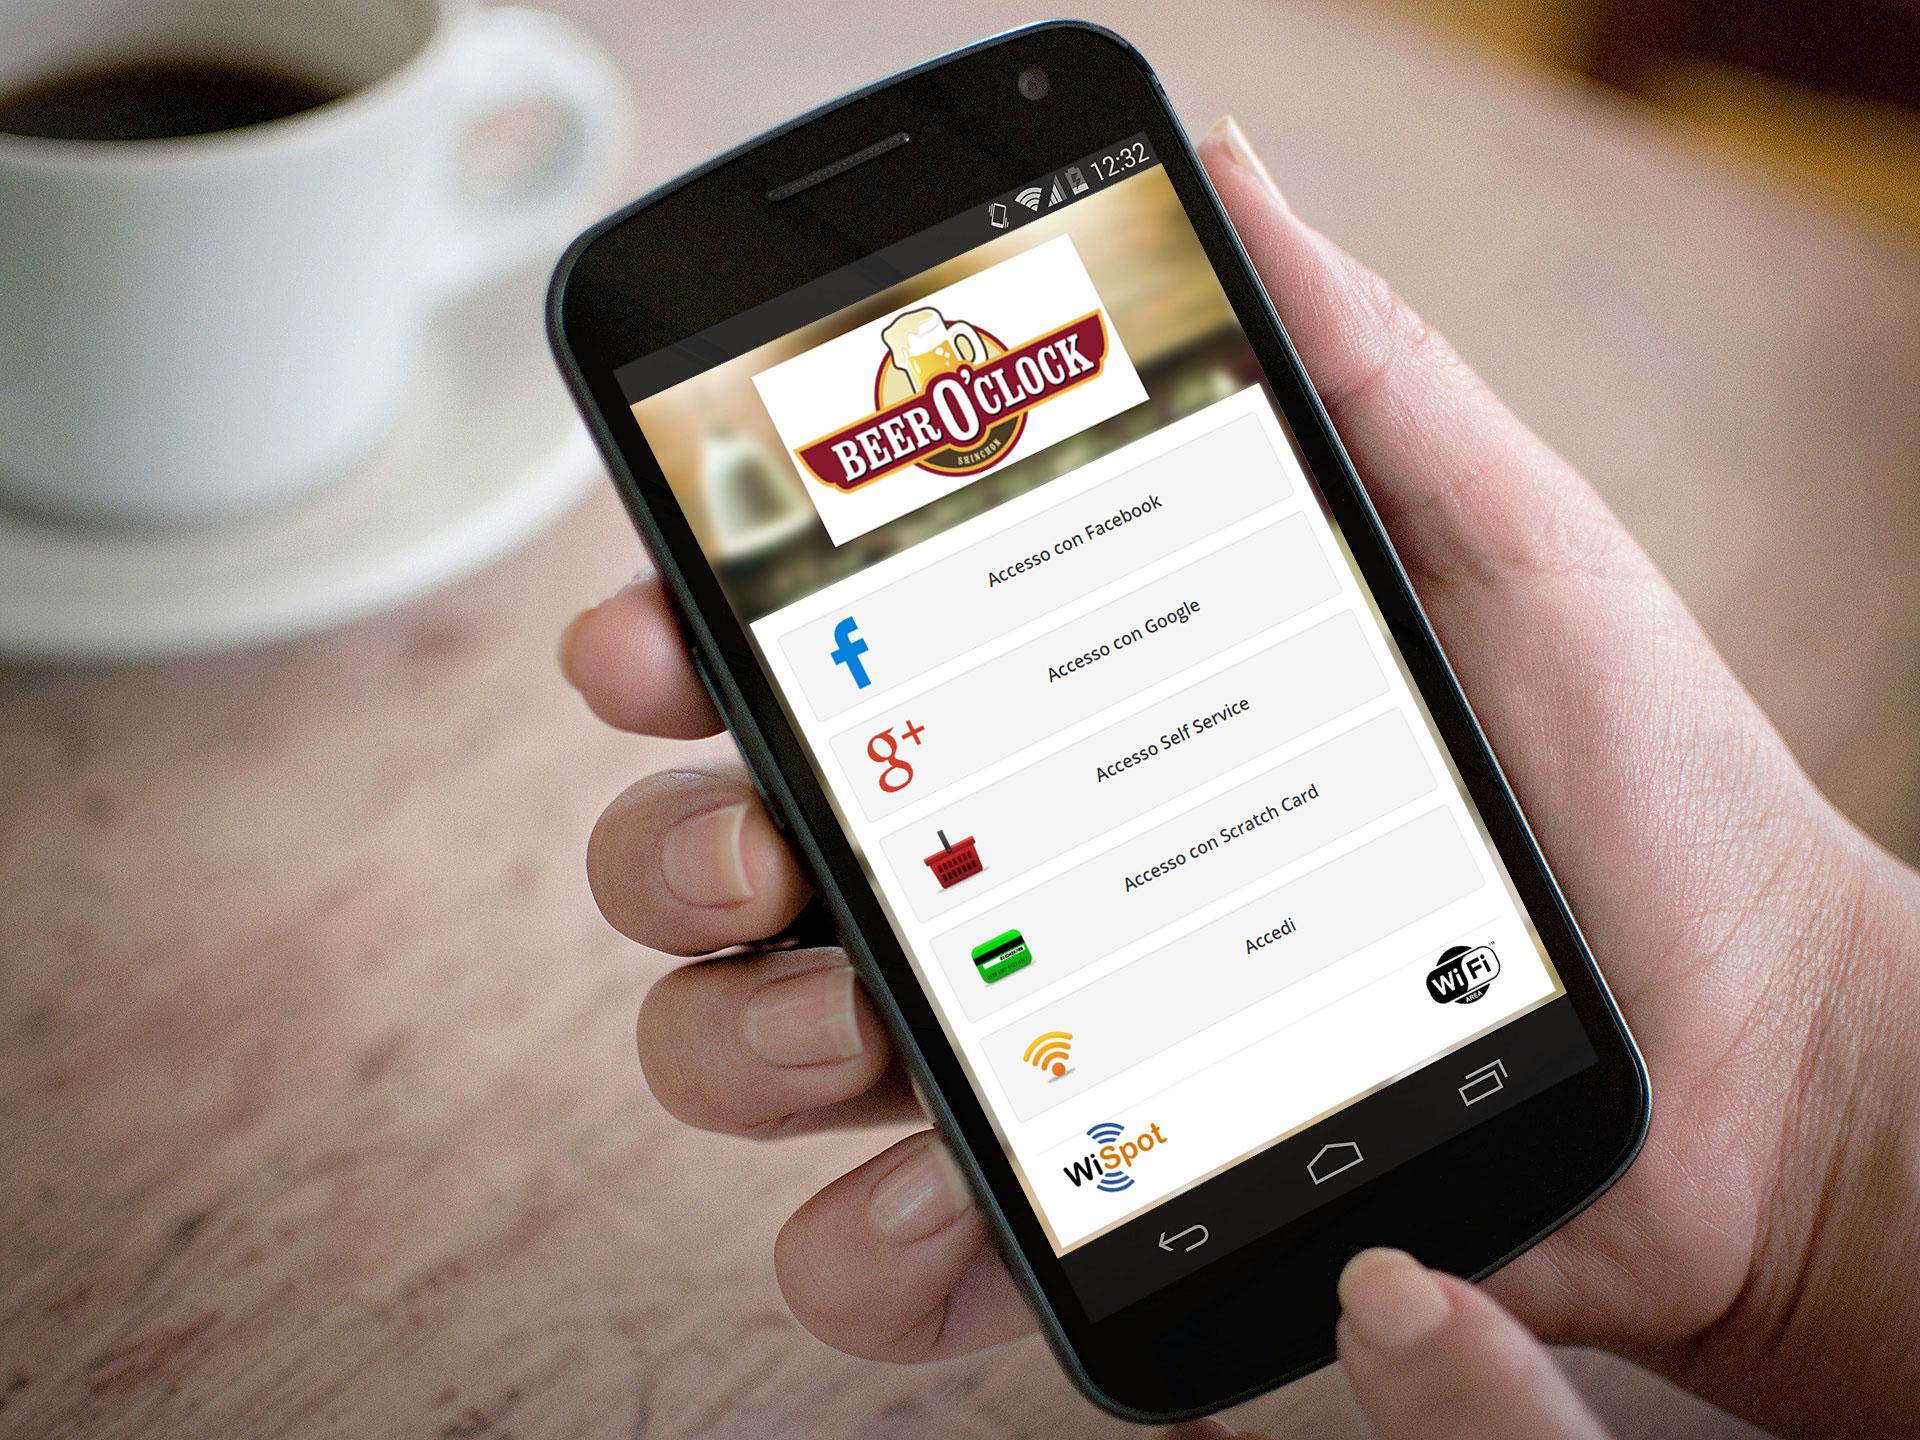 Pagina di accesso a INternet di WiSpot mostrata su uno smartphone sorretto dalla mano di un uomo.